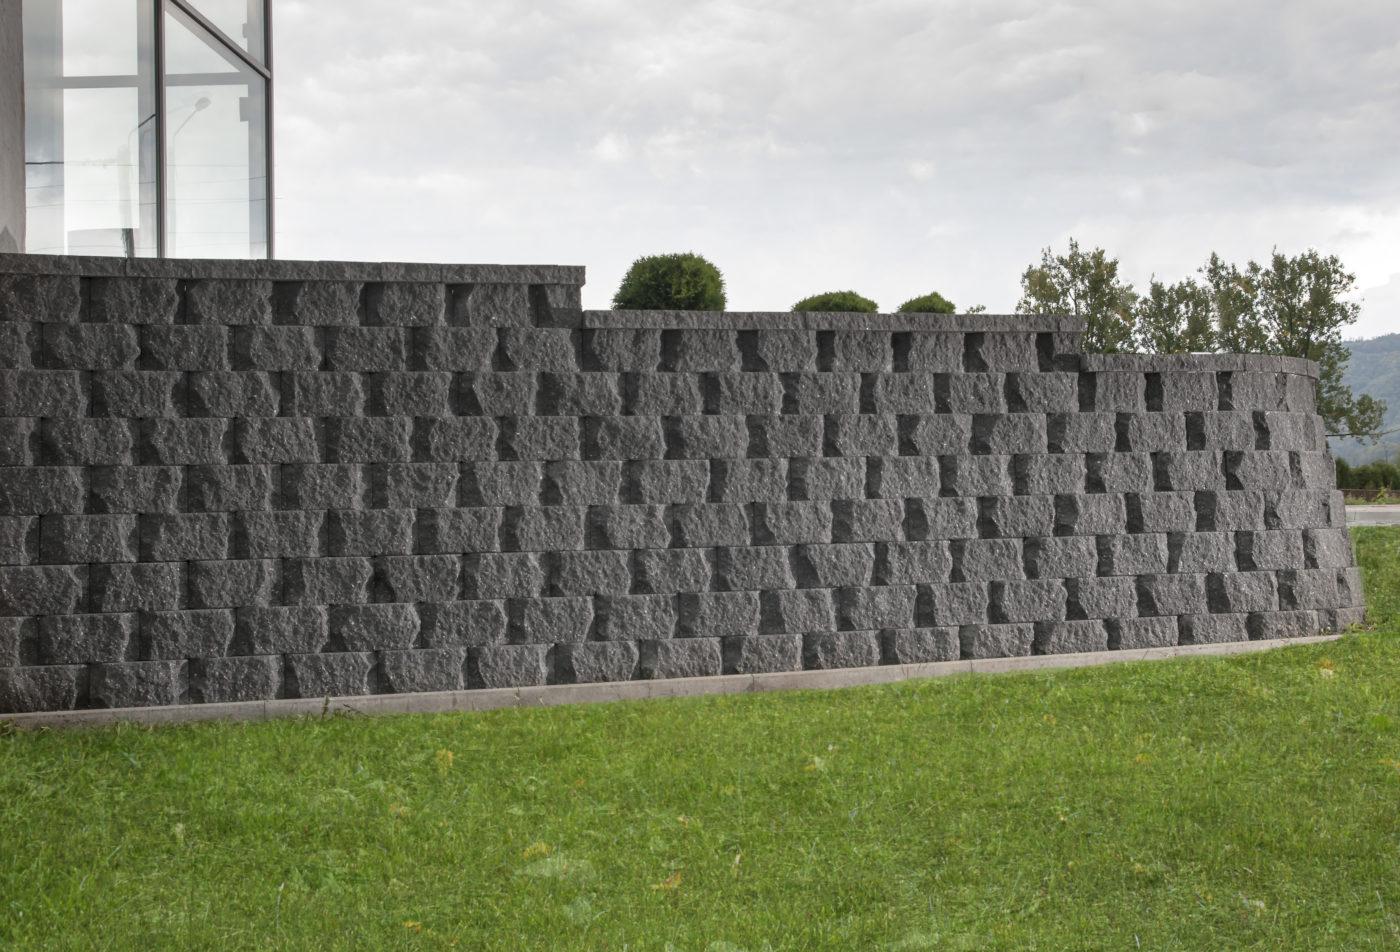 pustaki-oporowe-grafitowe-lukowe-cj-blok-scaled